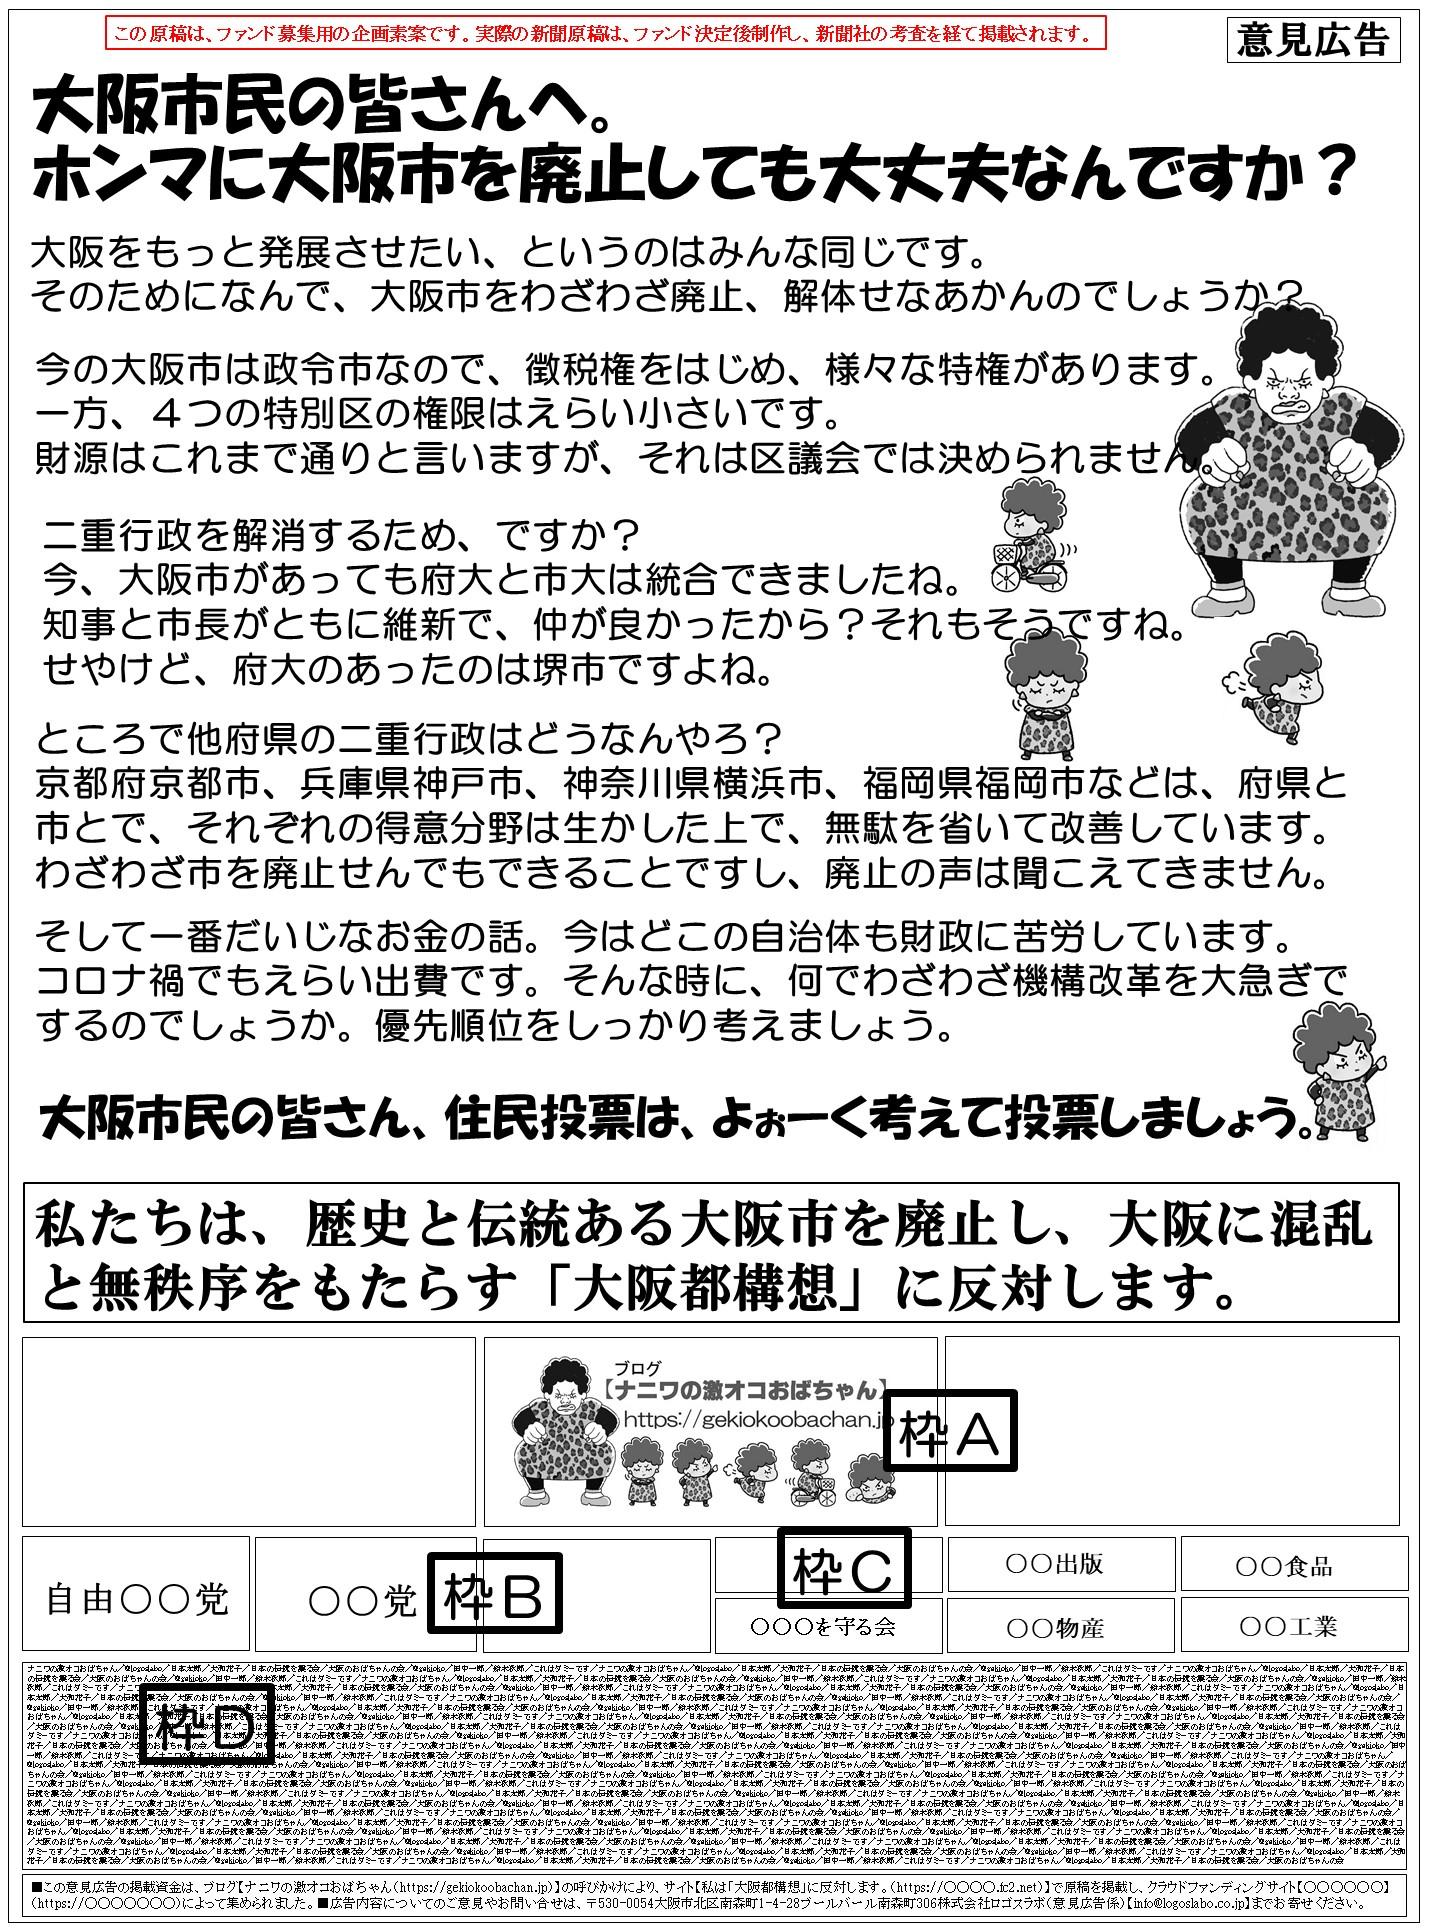 大阪市民の皆さんへ(本抜き)